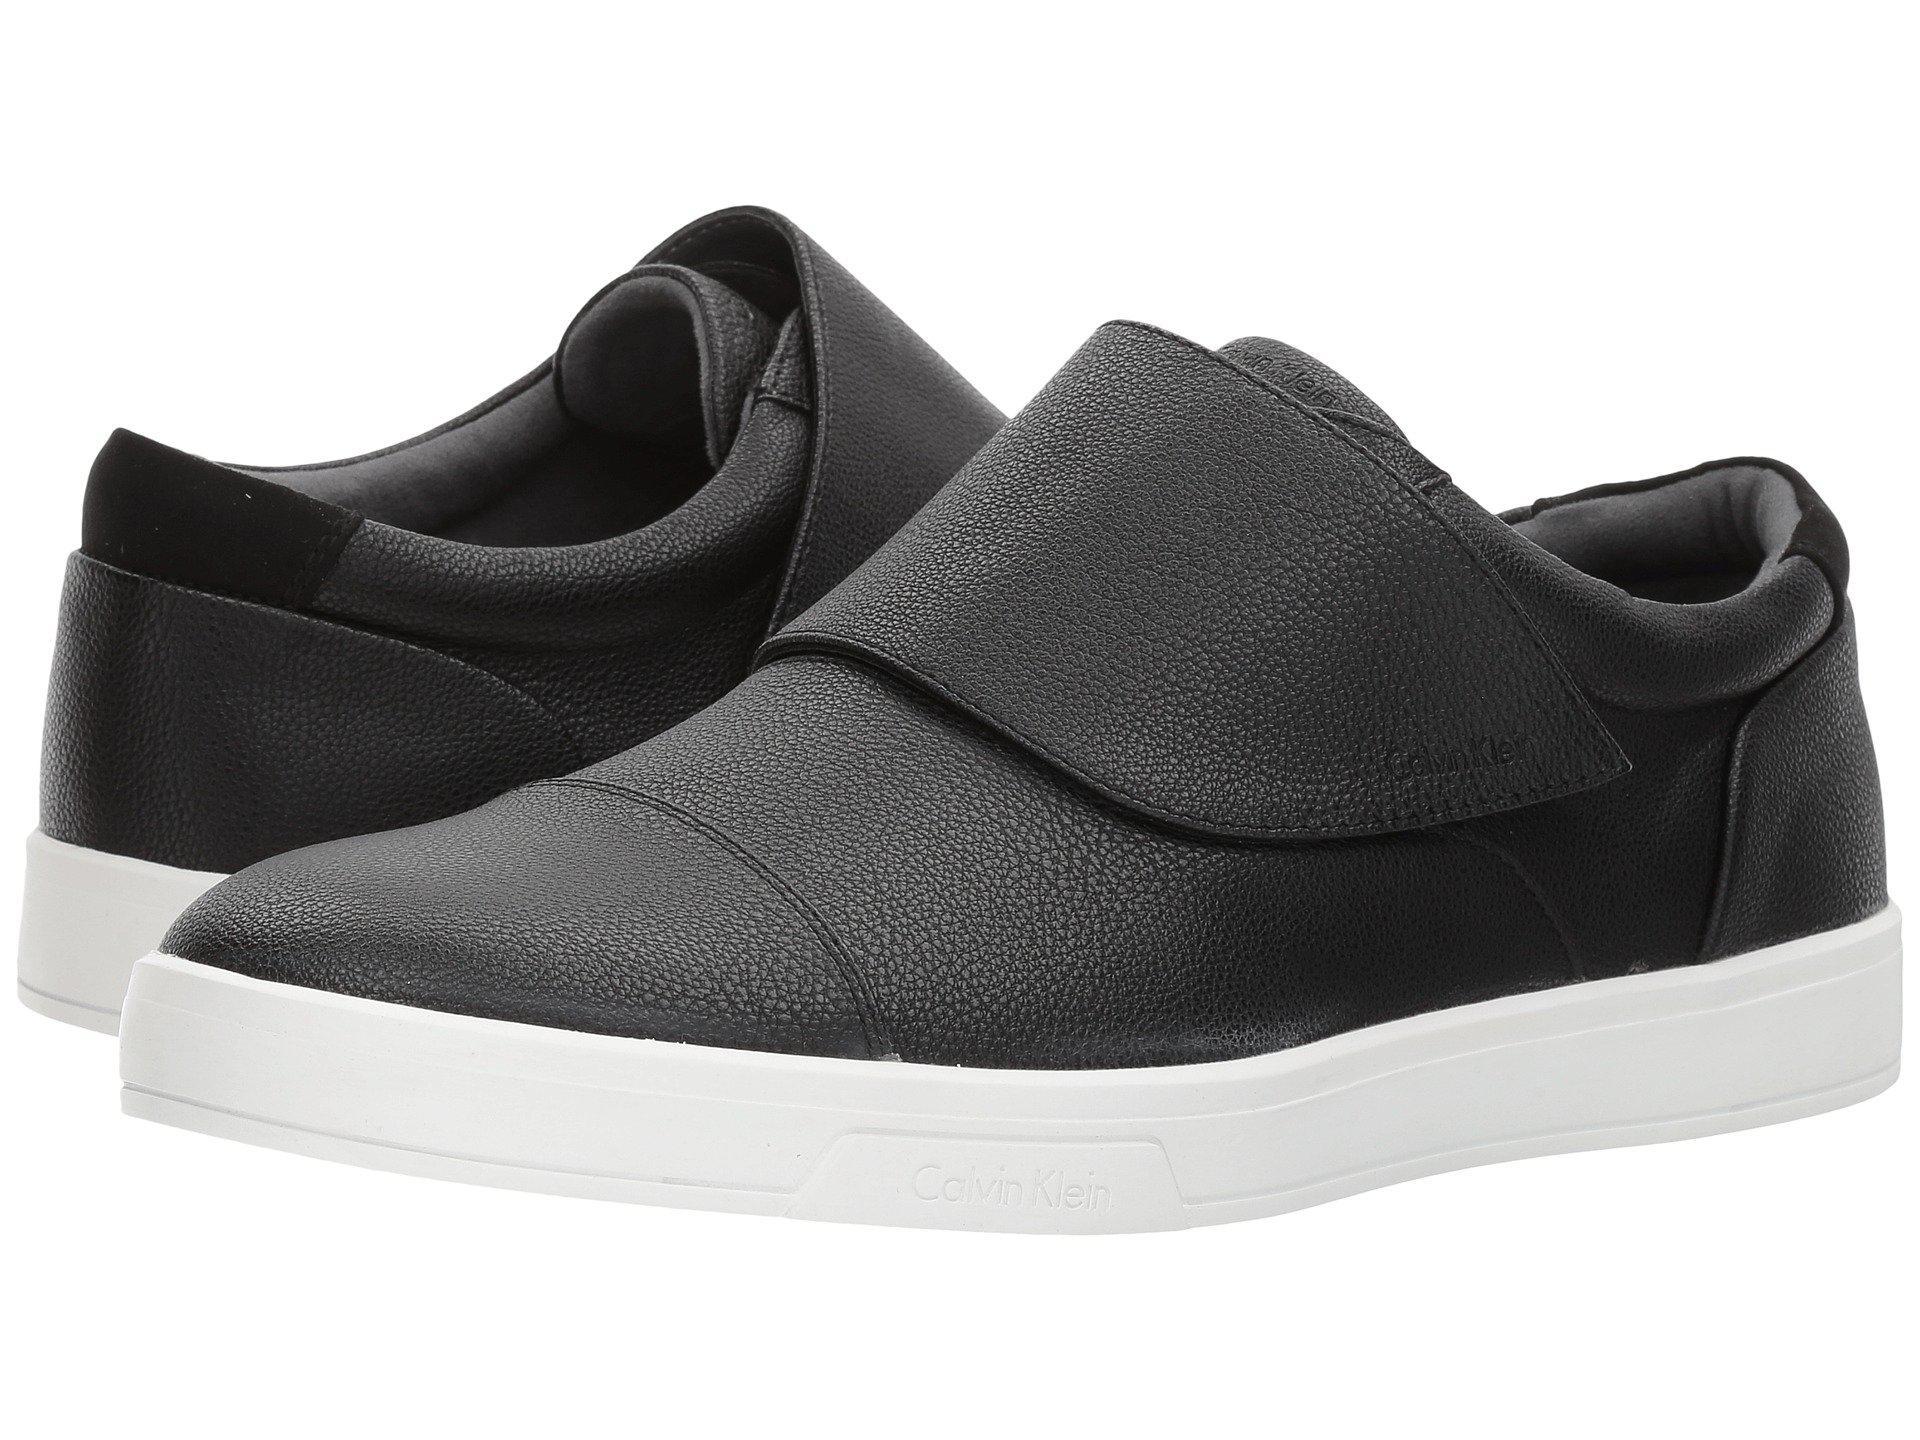 7005f0e376d0 Lyst - Calvin Klein Beacon in Black for Men